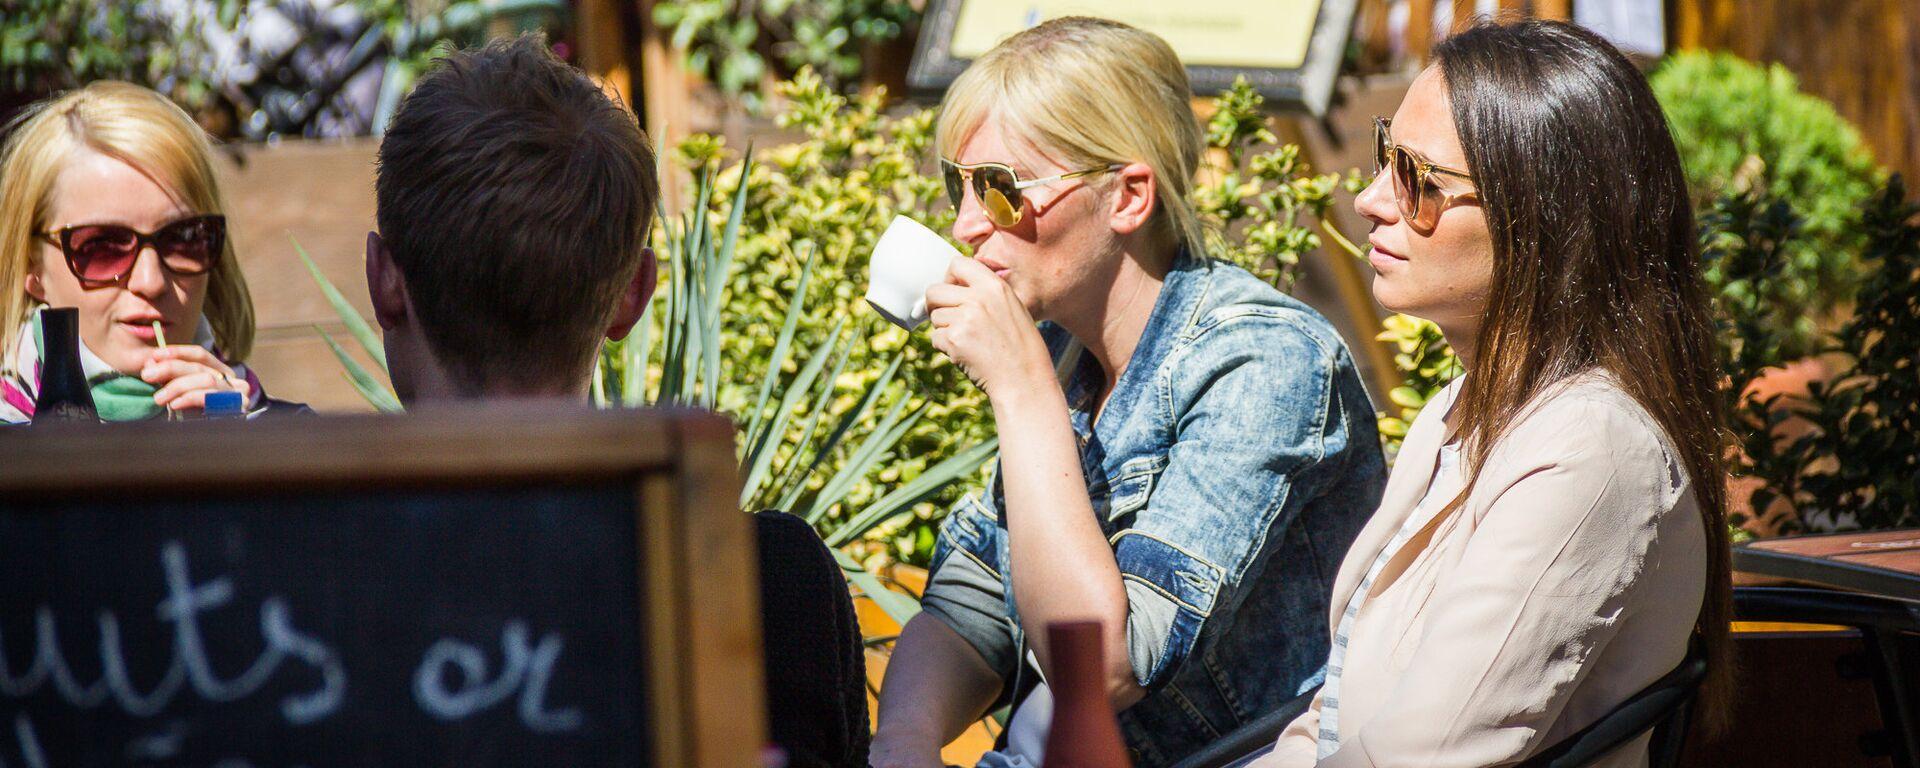 Девушки пьют кофе в тбилисском уличном кафе - Sputnik Грузия, 1920, 05.09.2021